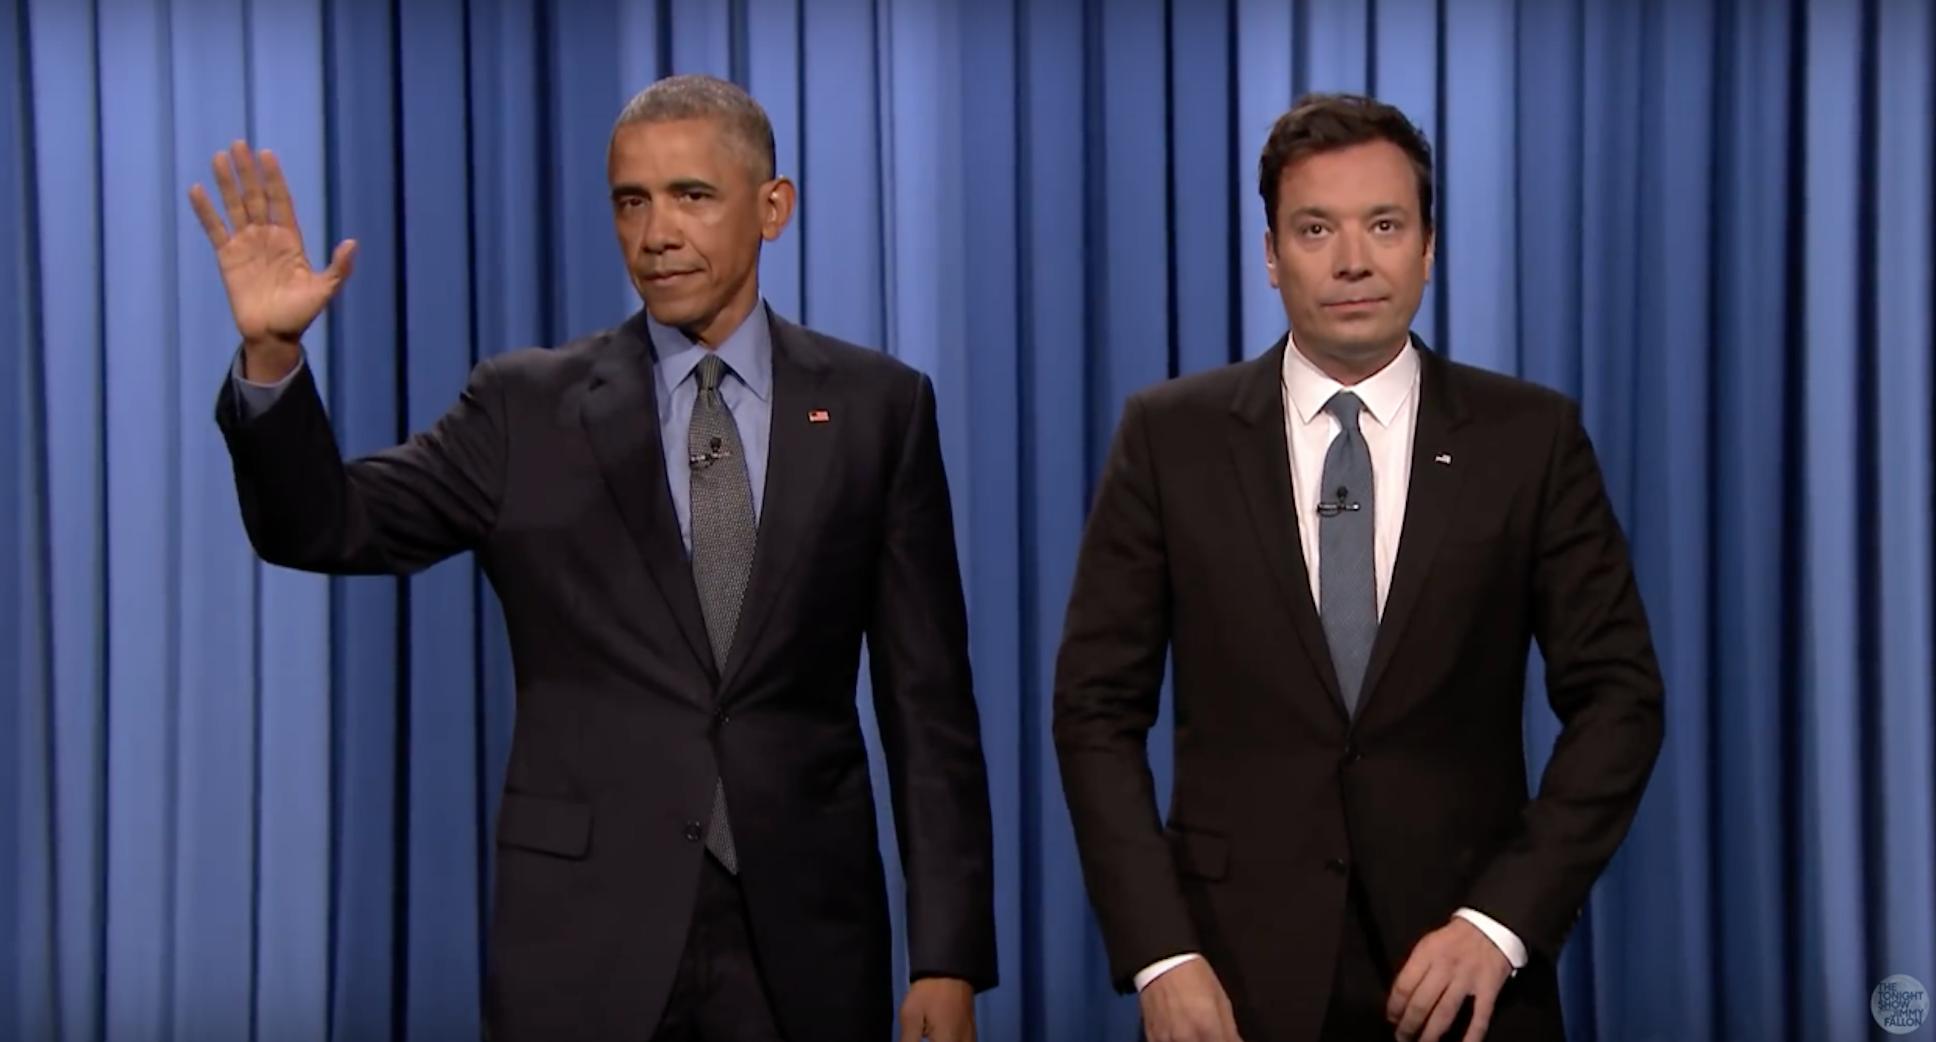 Obama Jimmy